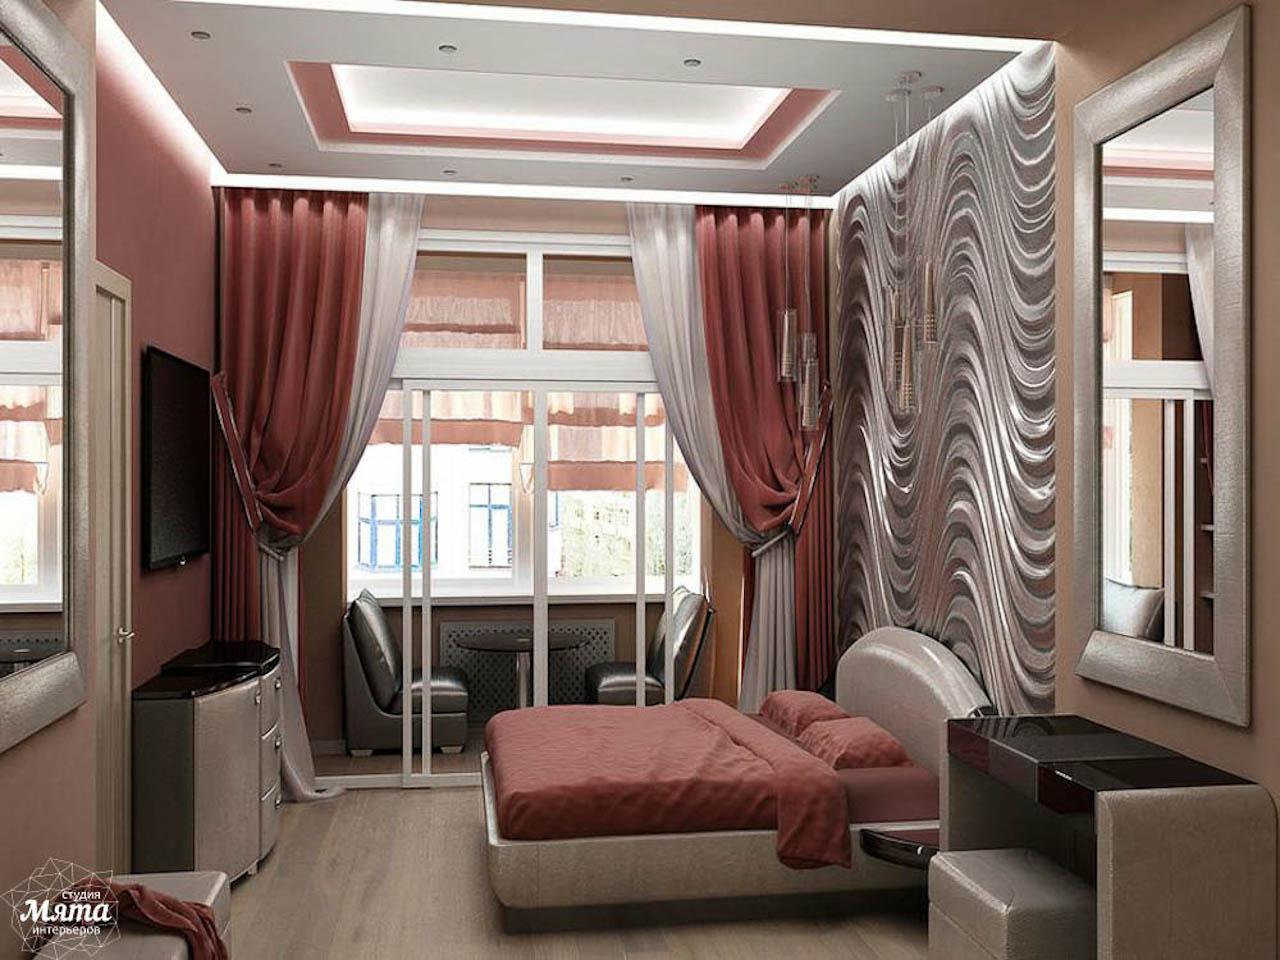 Дизайн интерьера трехкомнатной квартиры по ул. Николая Никонова 4 img1678322153